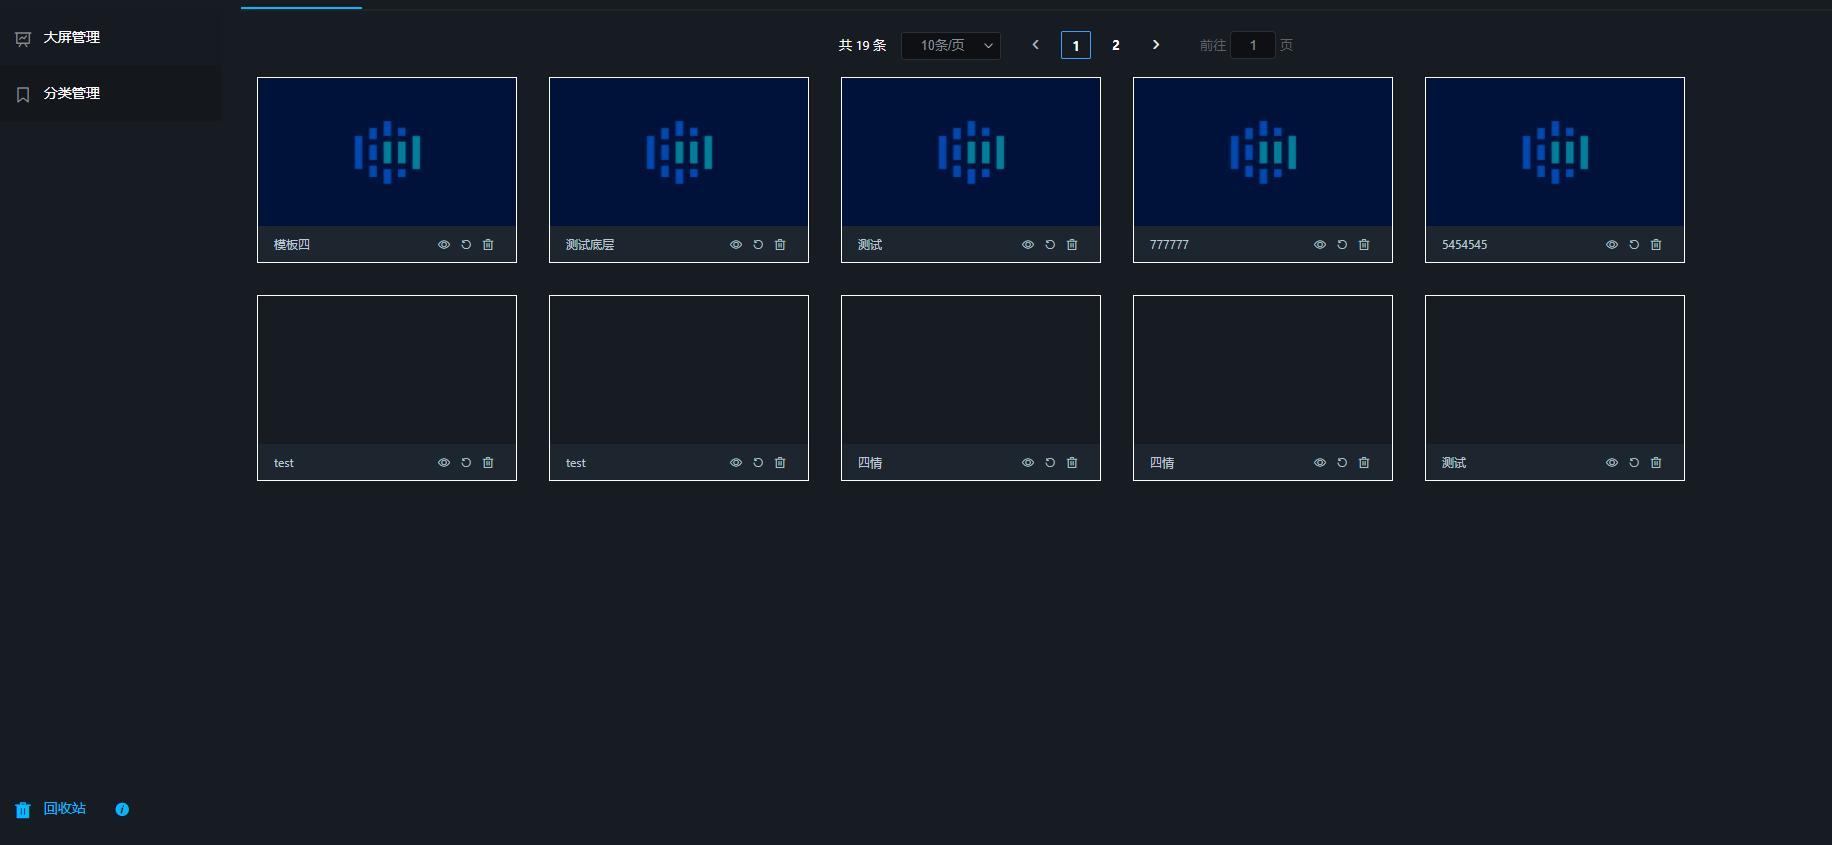 大屏设计器新版本v2.3发布—积木报表官网(图5)